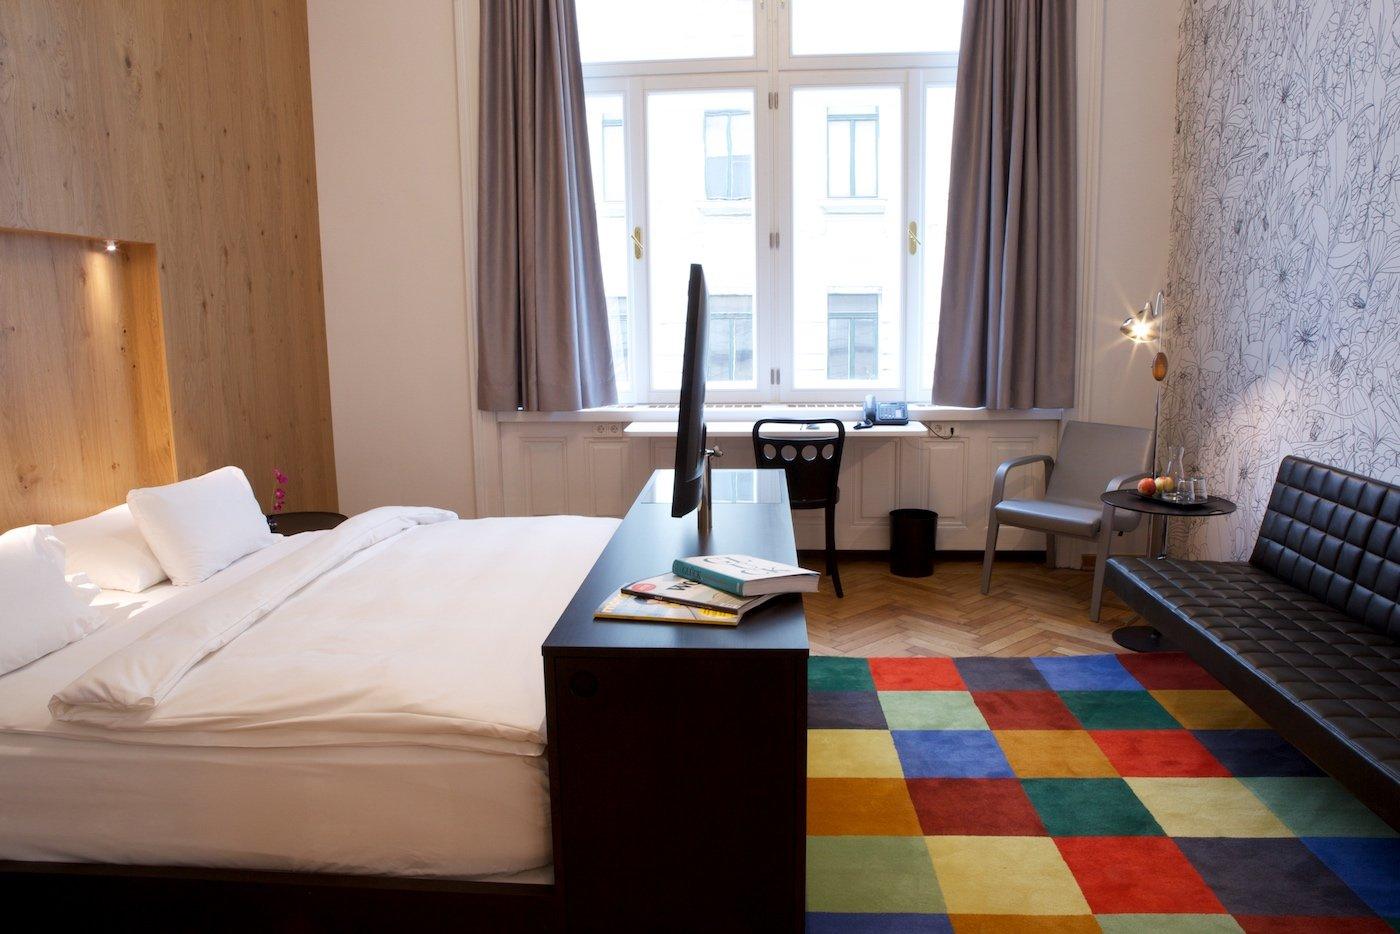 Hotel Altstadt Vienna Boutique Design Hotel Wien Bunter Teppich Zimmer Fernseher Bett Fenster Aussicht